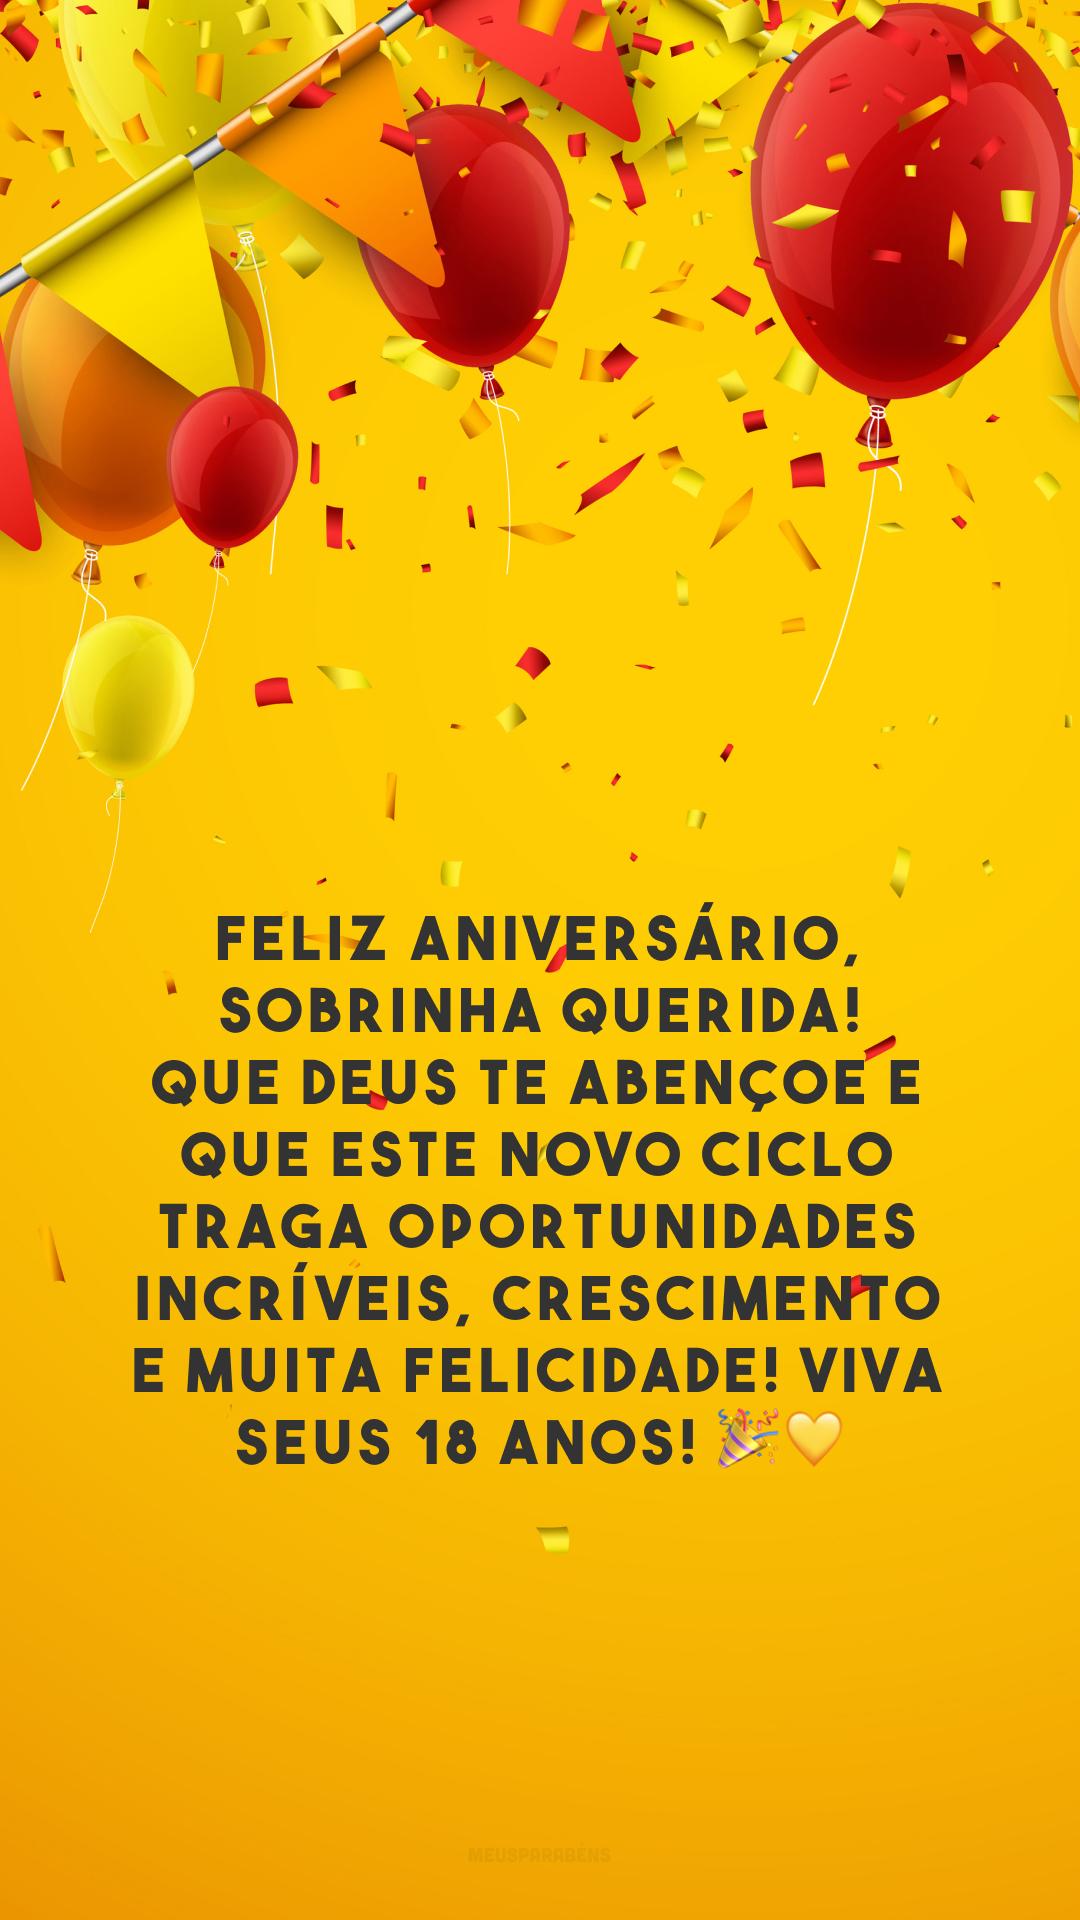 Feliz aniversário, sobrinha querida! Que Deus te abençoe e que este novo ciclo traga oportunidades incríveis, crescimento e muita felicidade! Viva seus 18 anos! 🎉💛